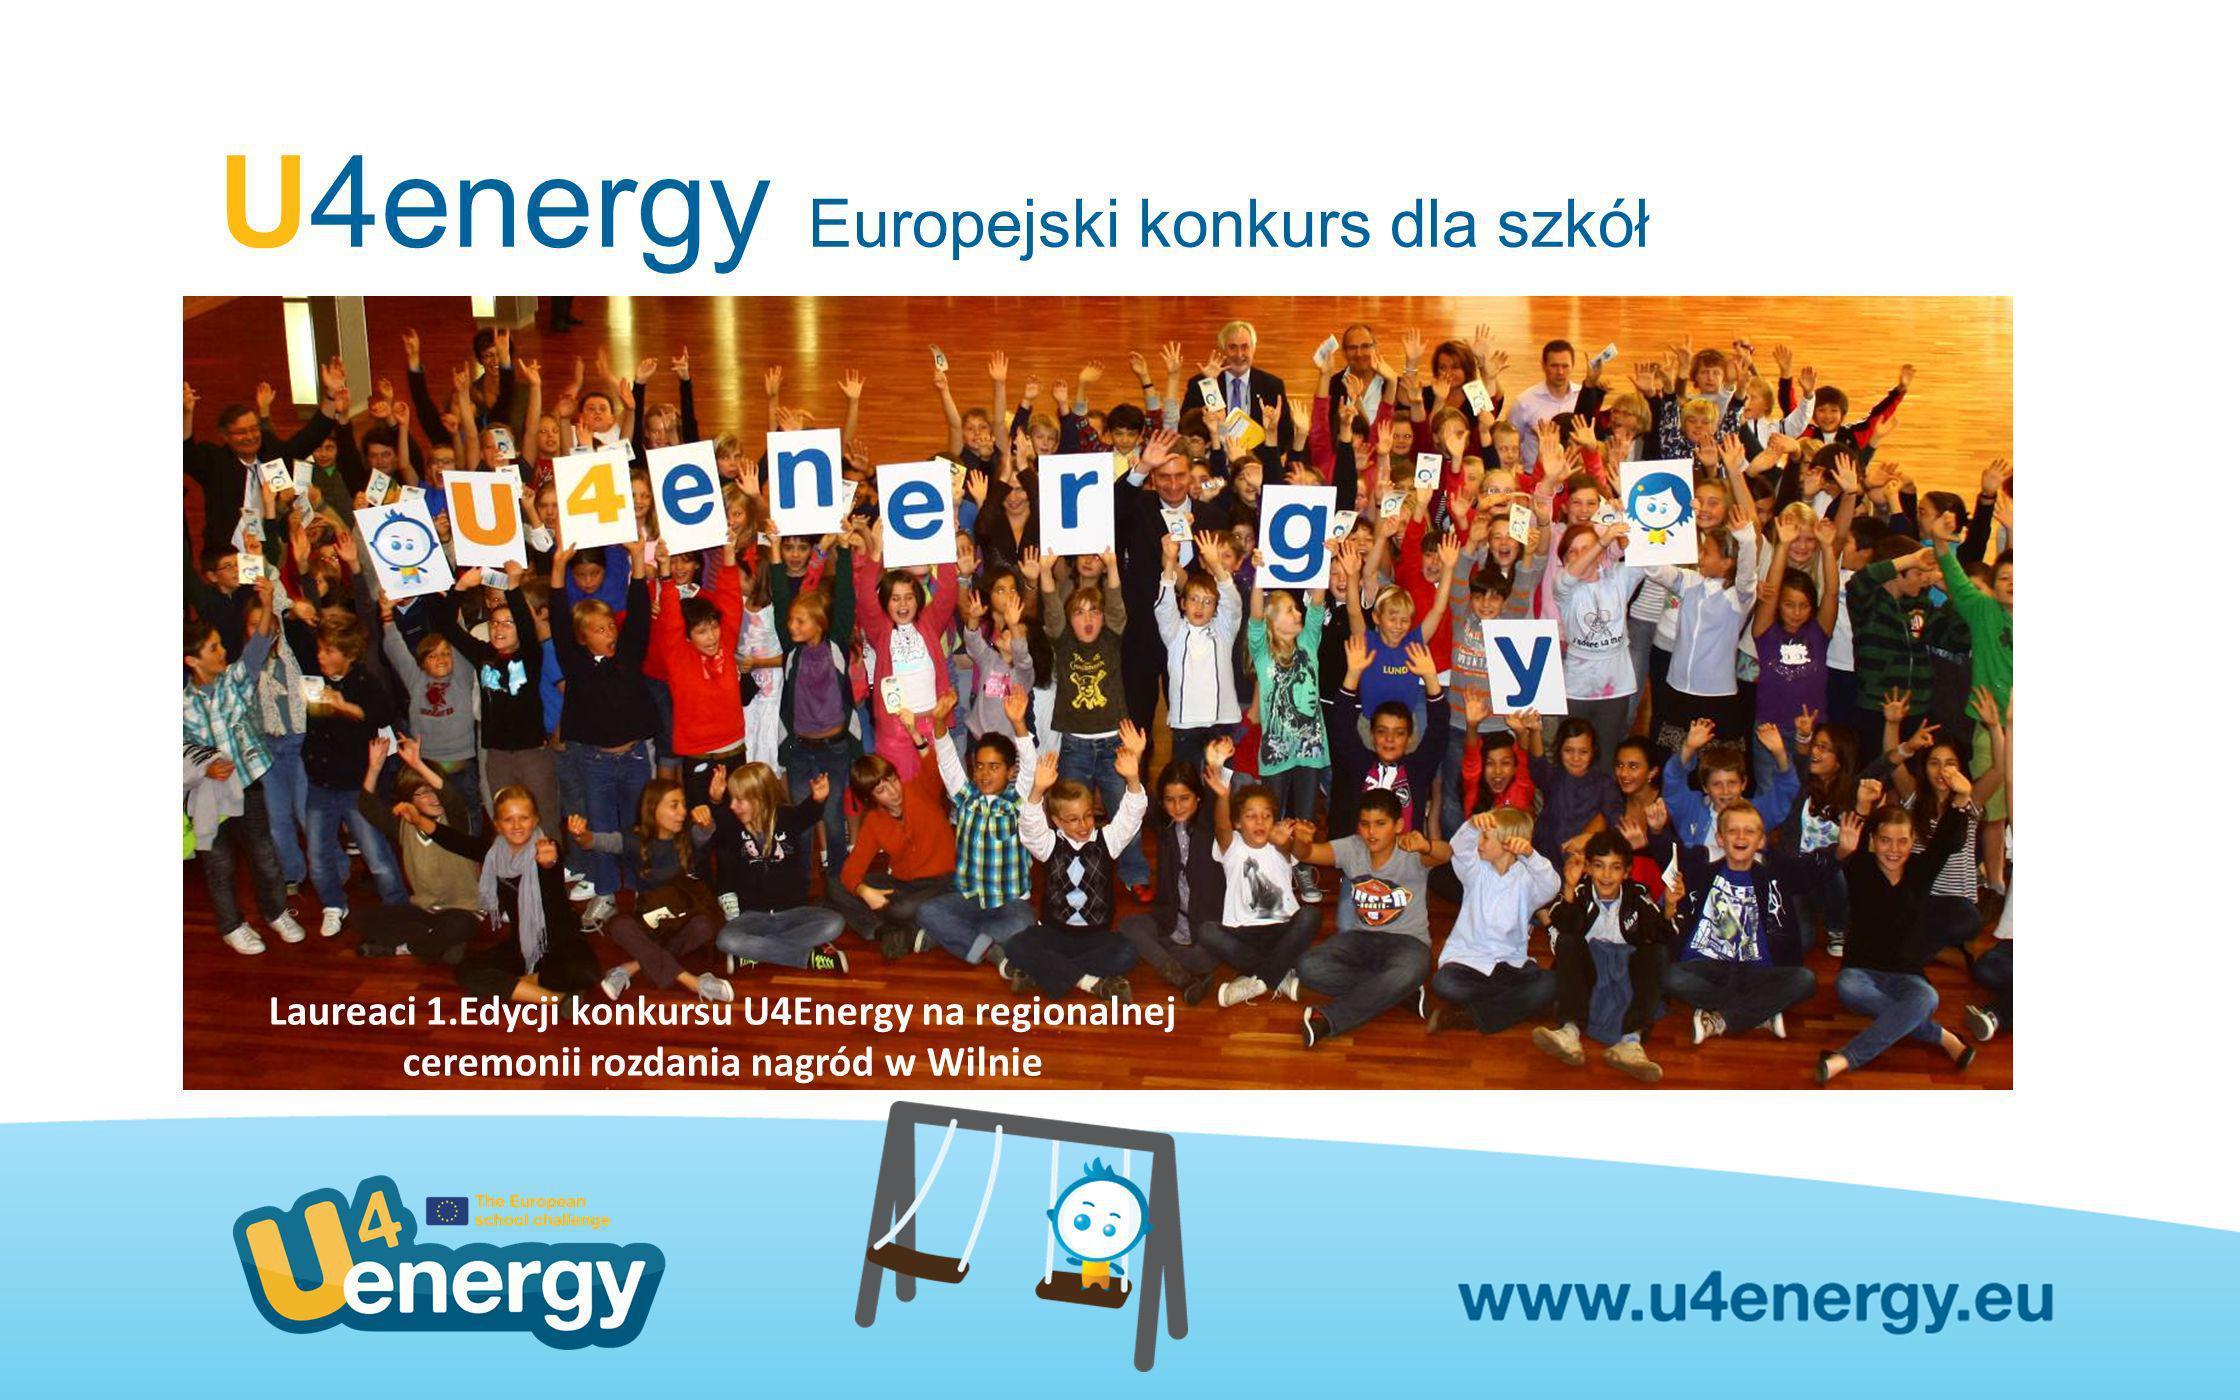 U4energy Europejski konkurs dla szkół Kategorie konkursowe A – wskaźniki i sposoby na racjonalne wykorzystanie energii przez szkoły B – działania pedagogiczne na temat korzystania z energii (np.scenariusze lekcji) C – szkolne kampanie informacyjne i promocyjne na temat efektywności energetycznej Kategoria specjalna– najlepsze krajowe i europejskie inicjatywy i konkursy ekologiczne